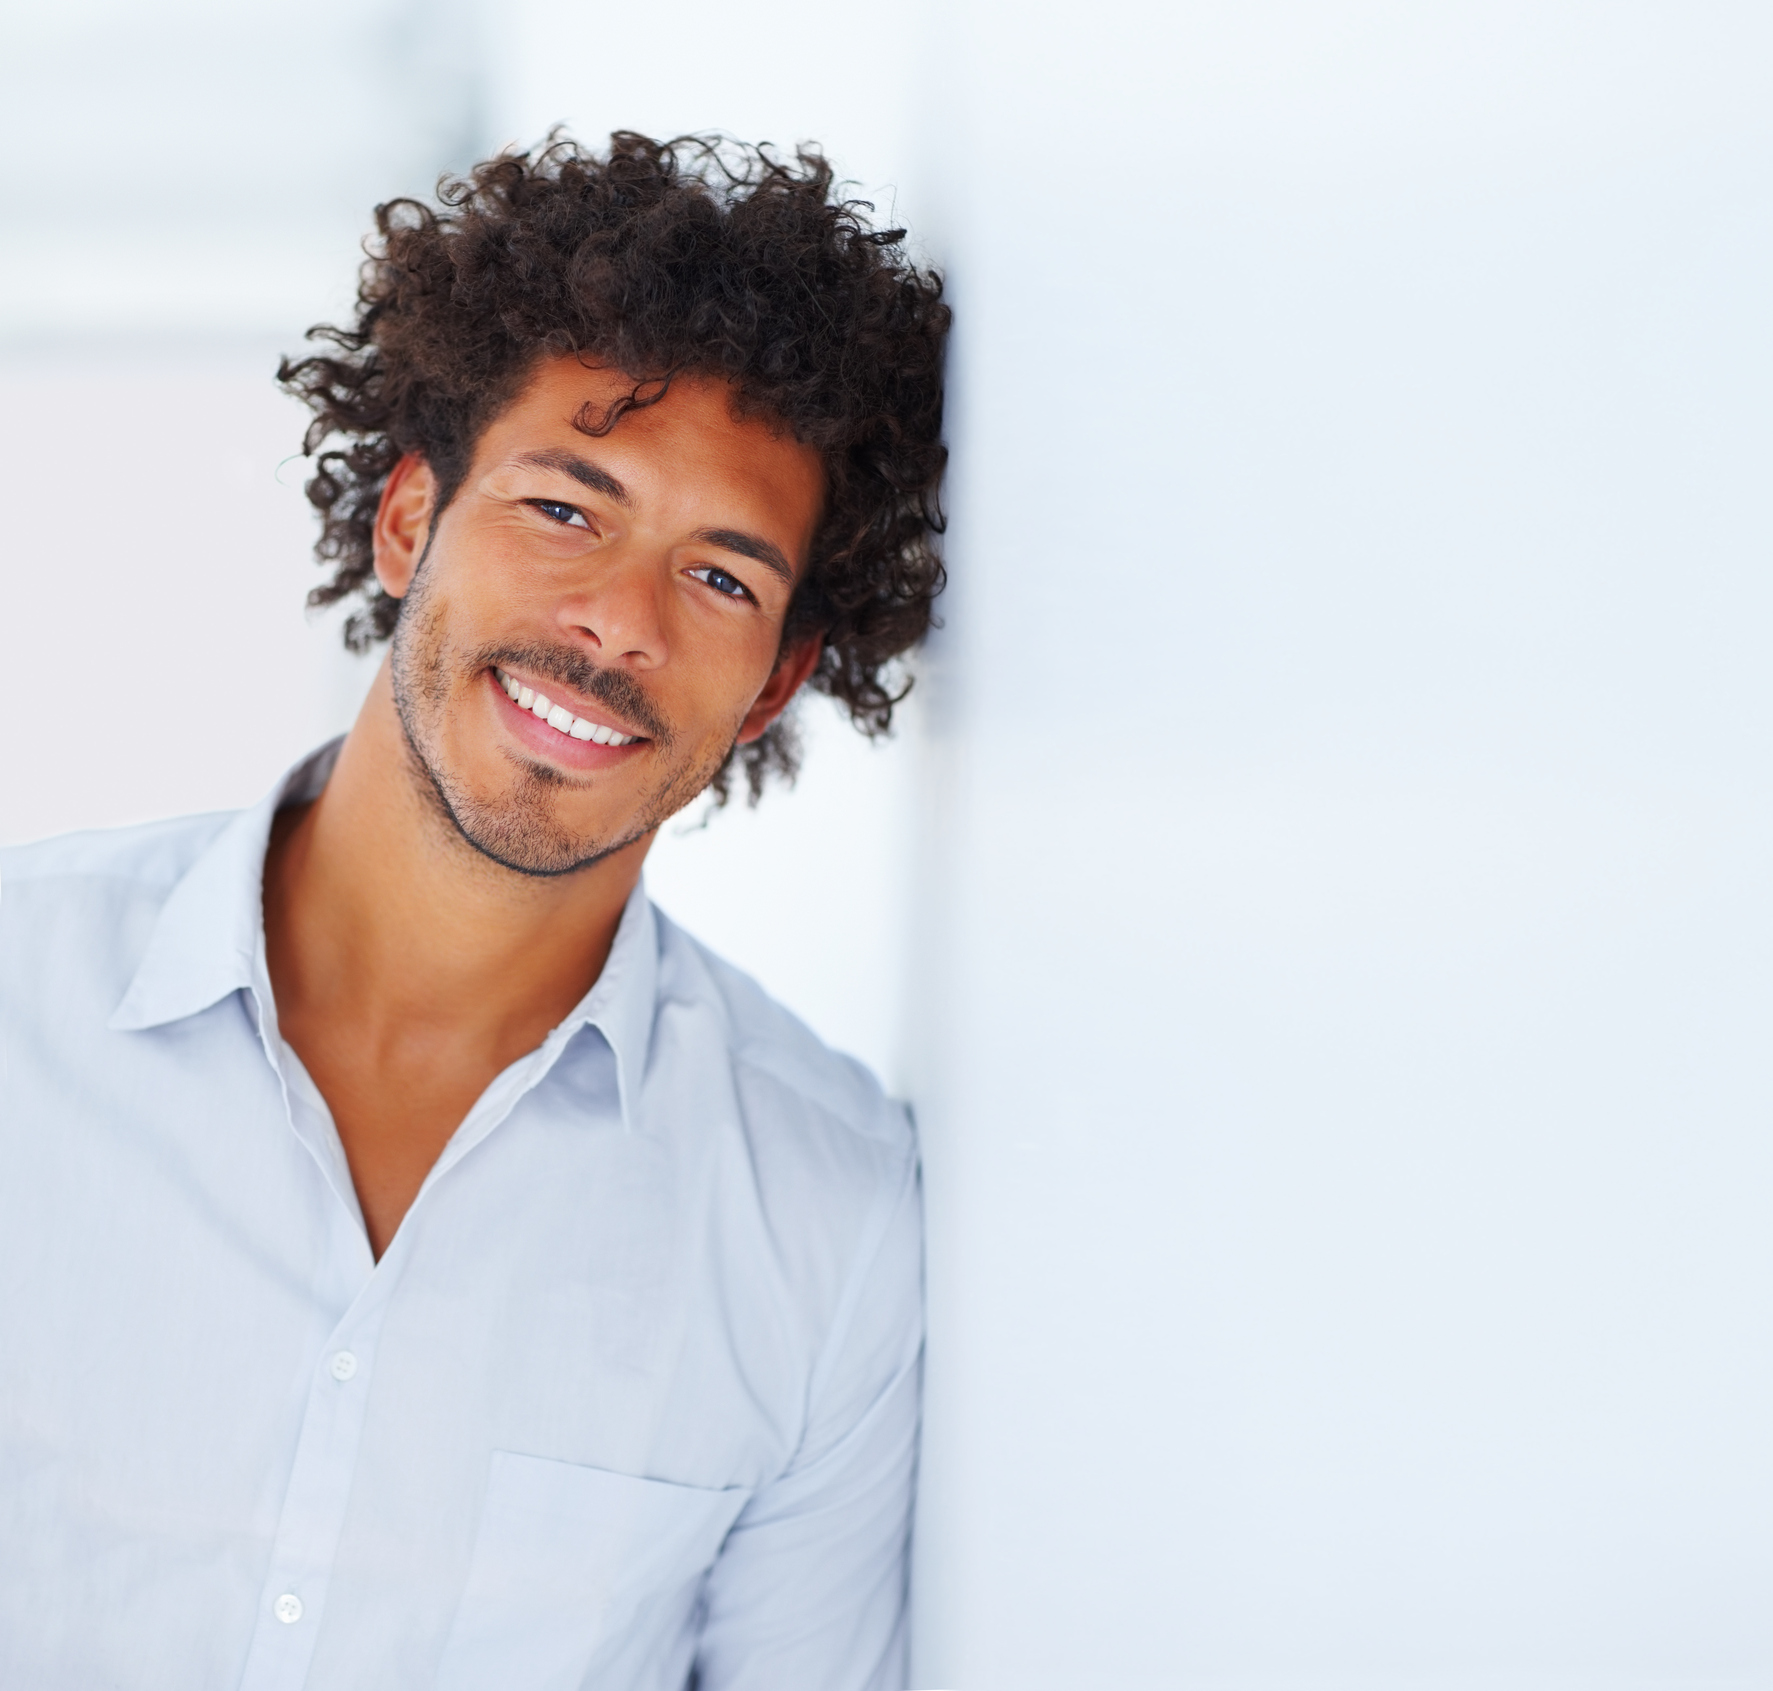 iStock 147299761 - Tipos de cabelo masculino: descubra qual é o seu e quais os cuidados e cortes ideais